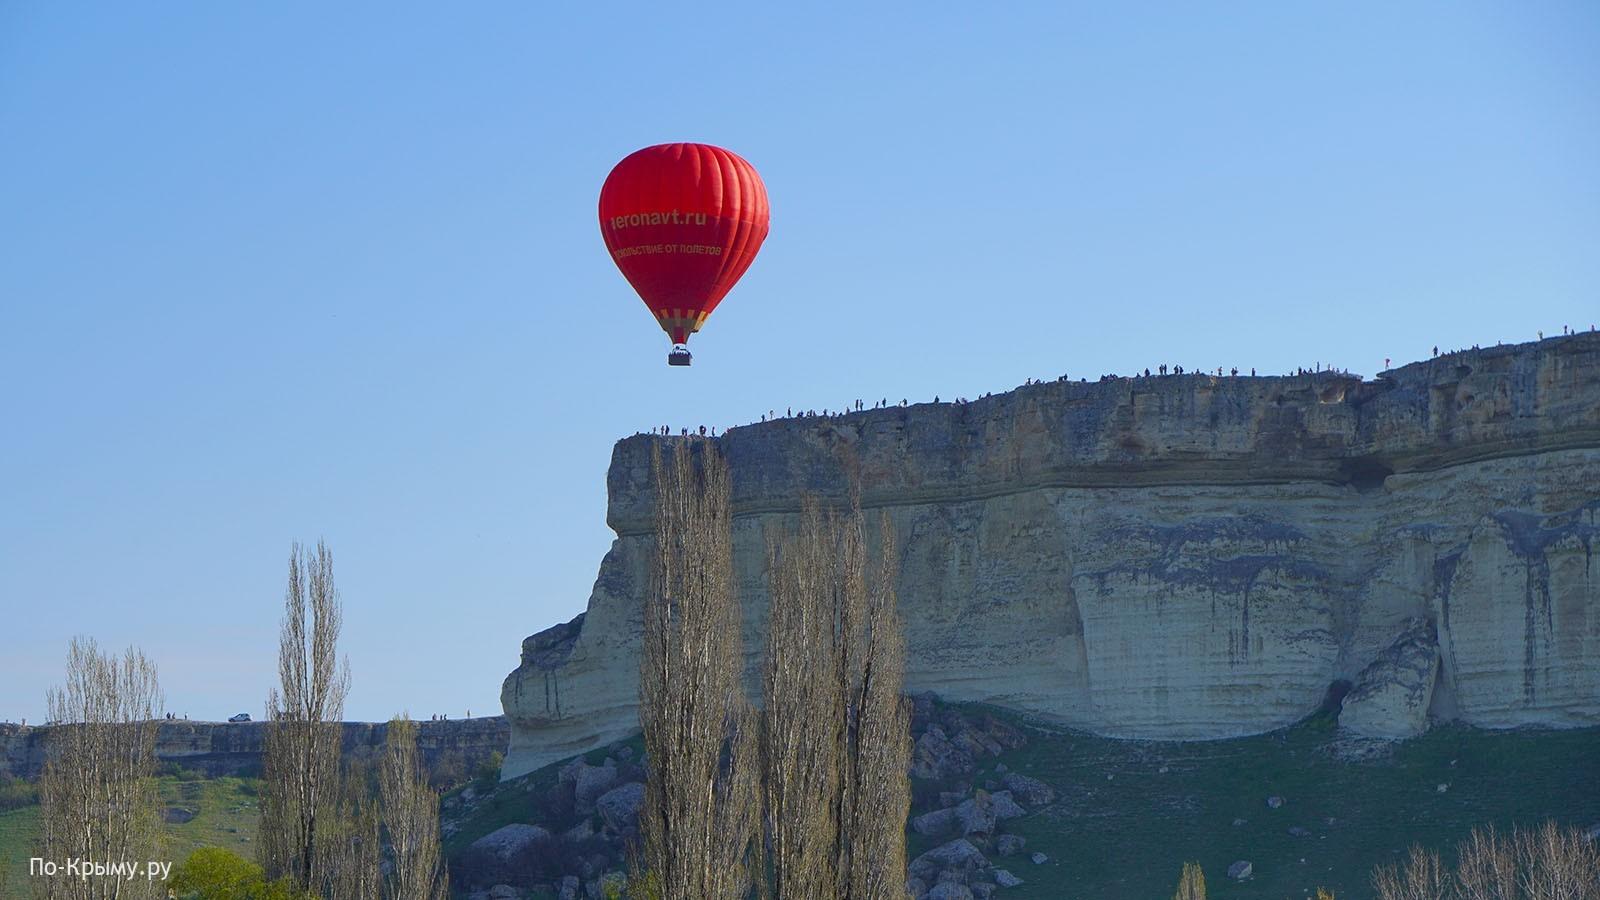 Крымский фестиваль воздушных шаров